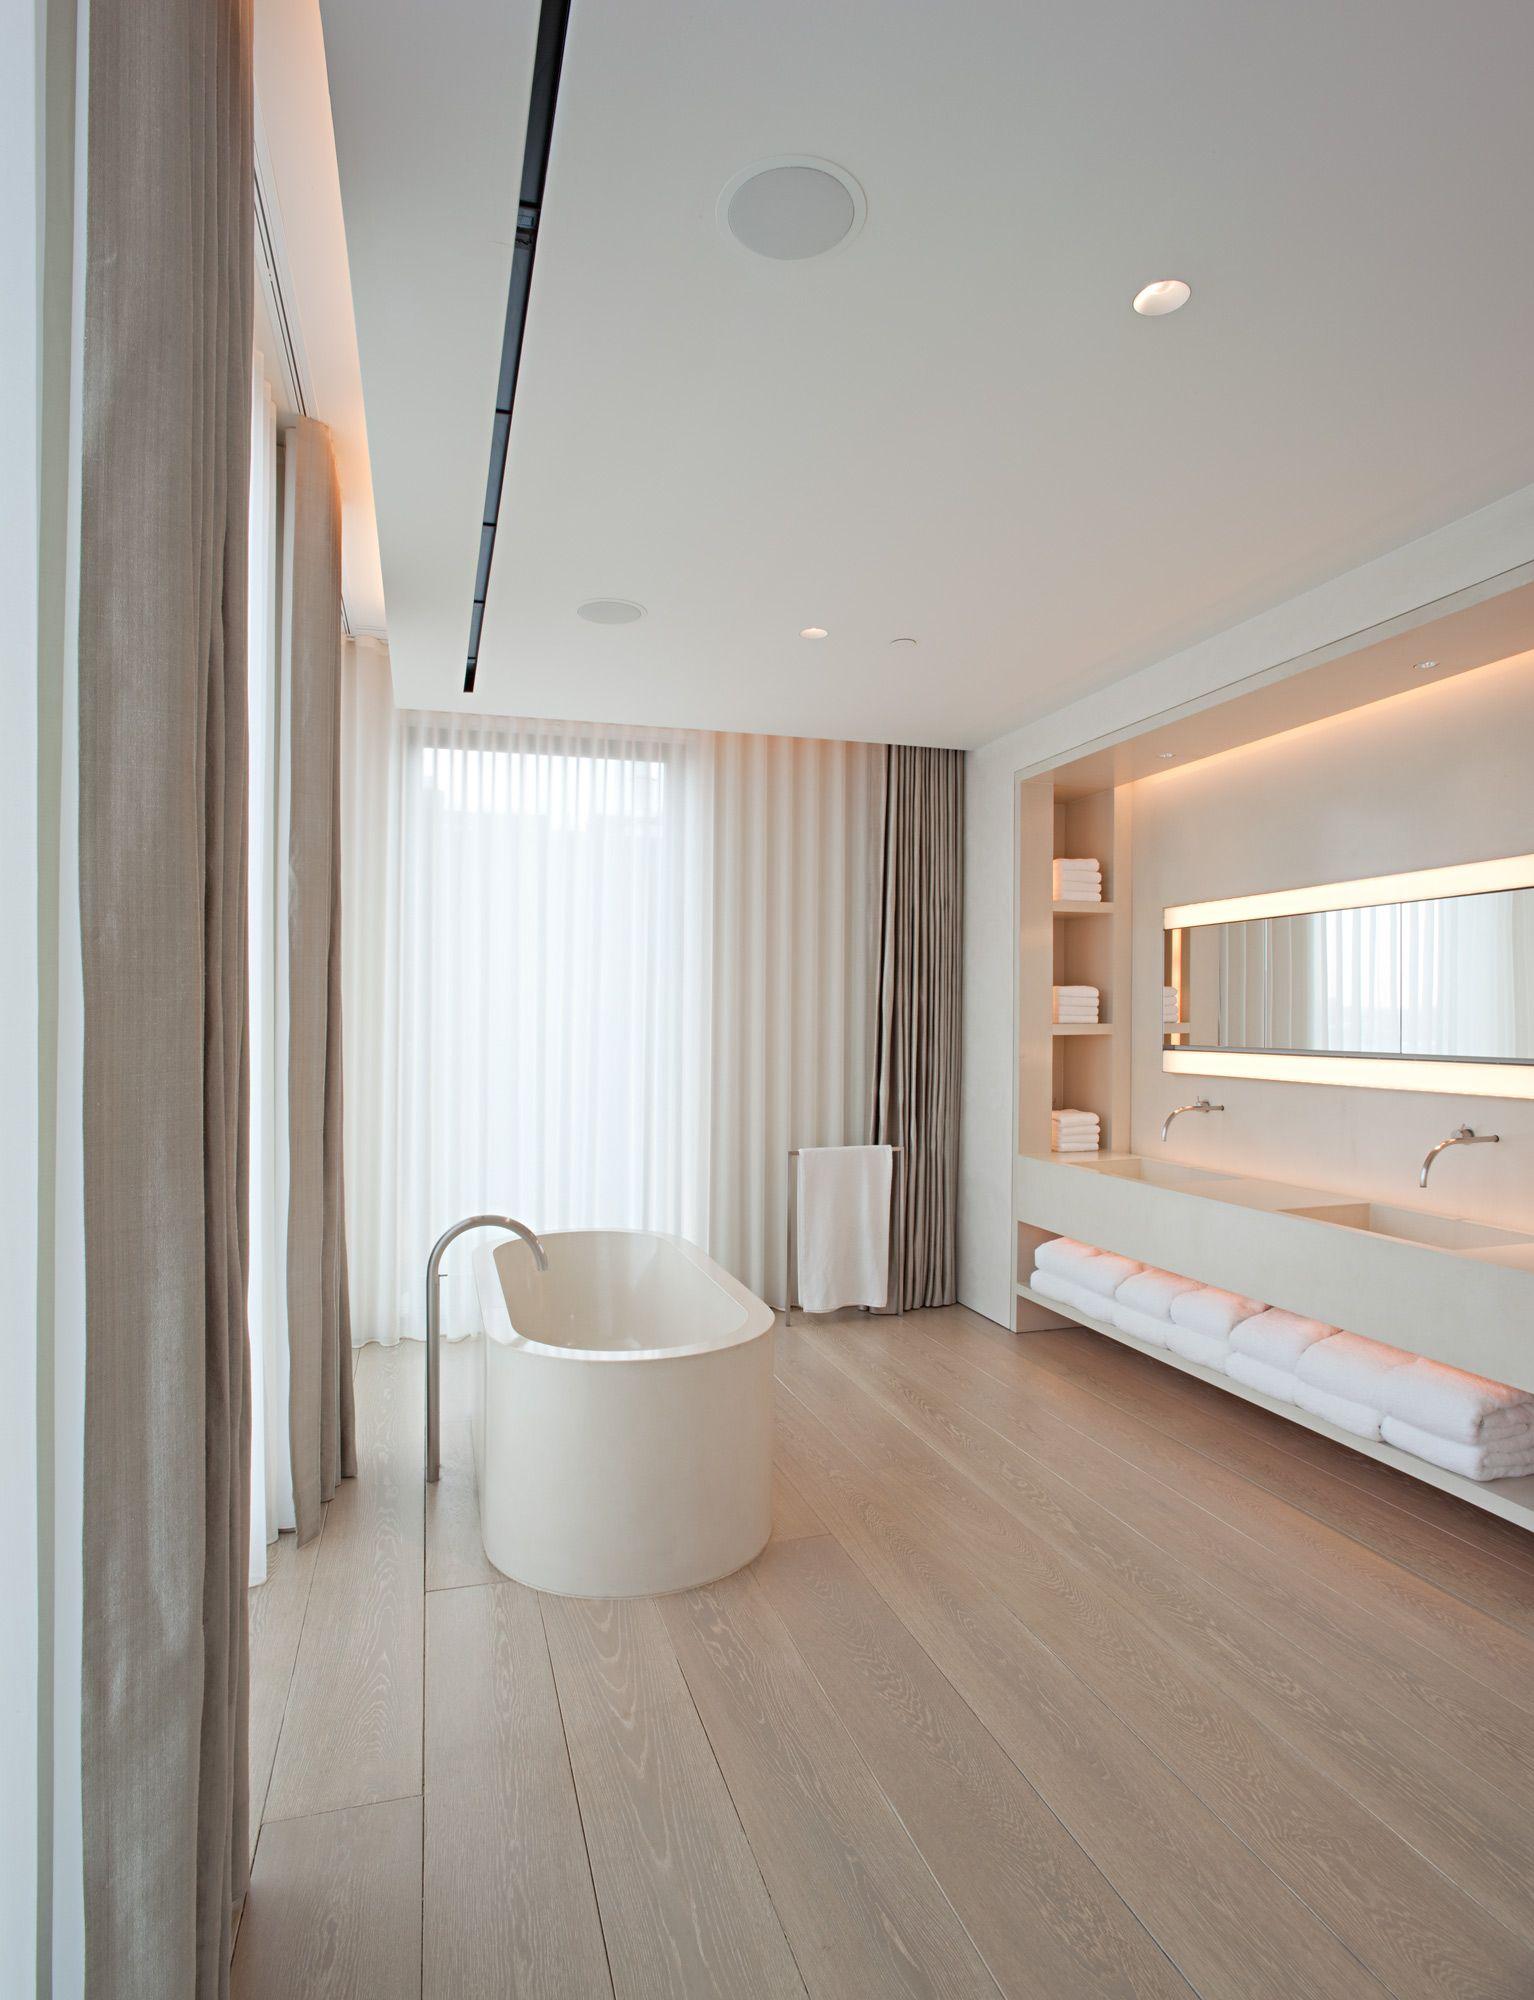 Banheiro surpreendente em Nova York, no apartamento Schrager projetado por John Pawson.    Amazing bathroom in New York, Schrager apartment designed by John Pawson.